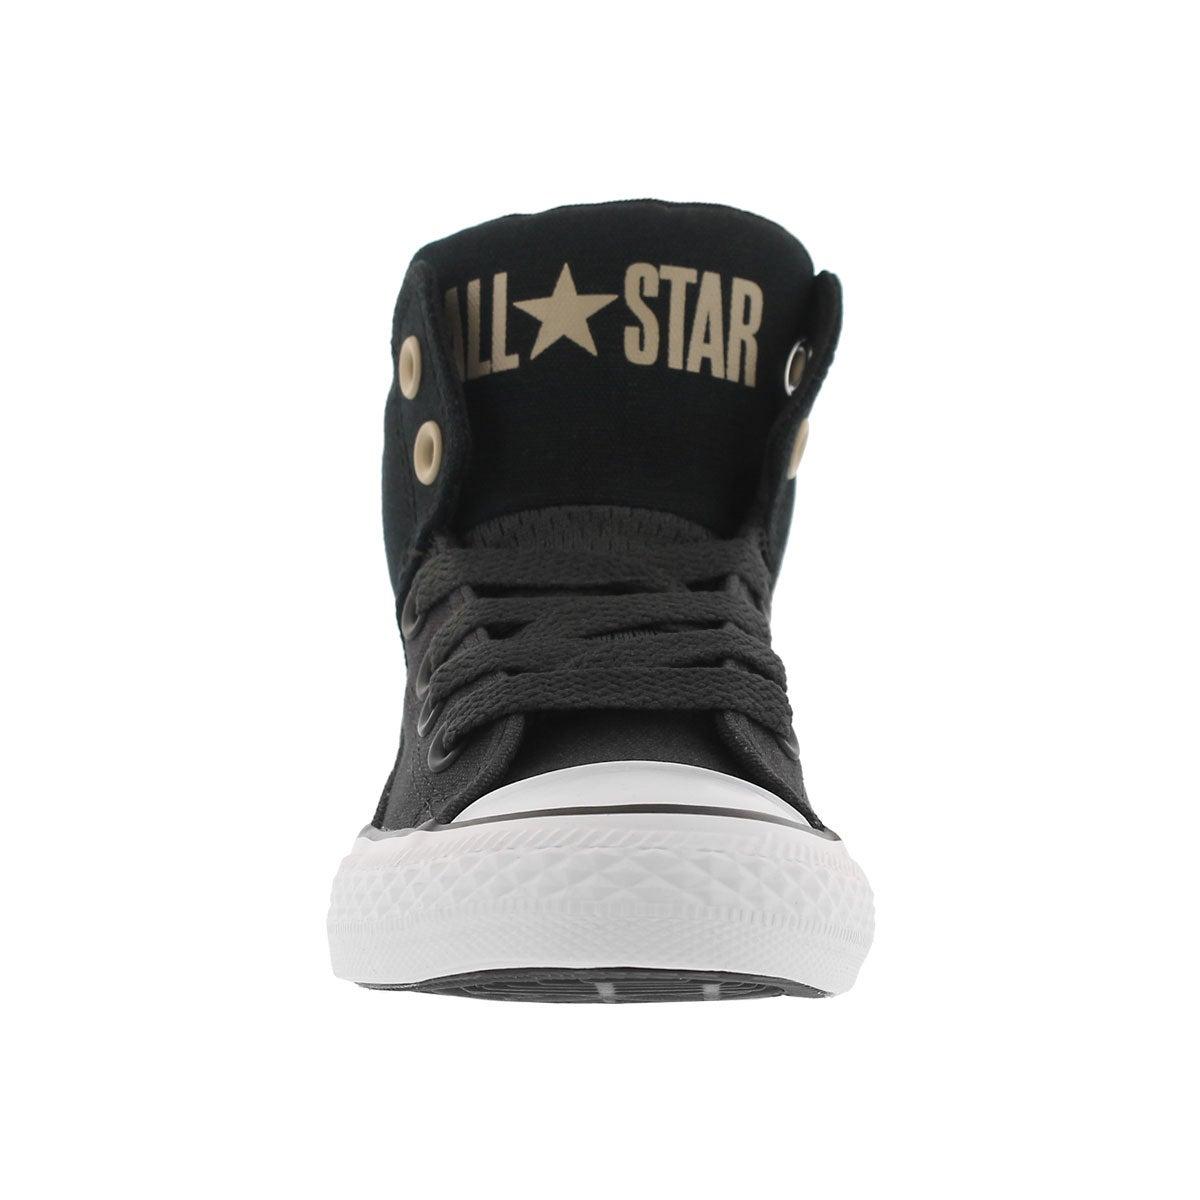 Bys CT AS High Street blk/kki sneaker